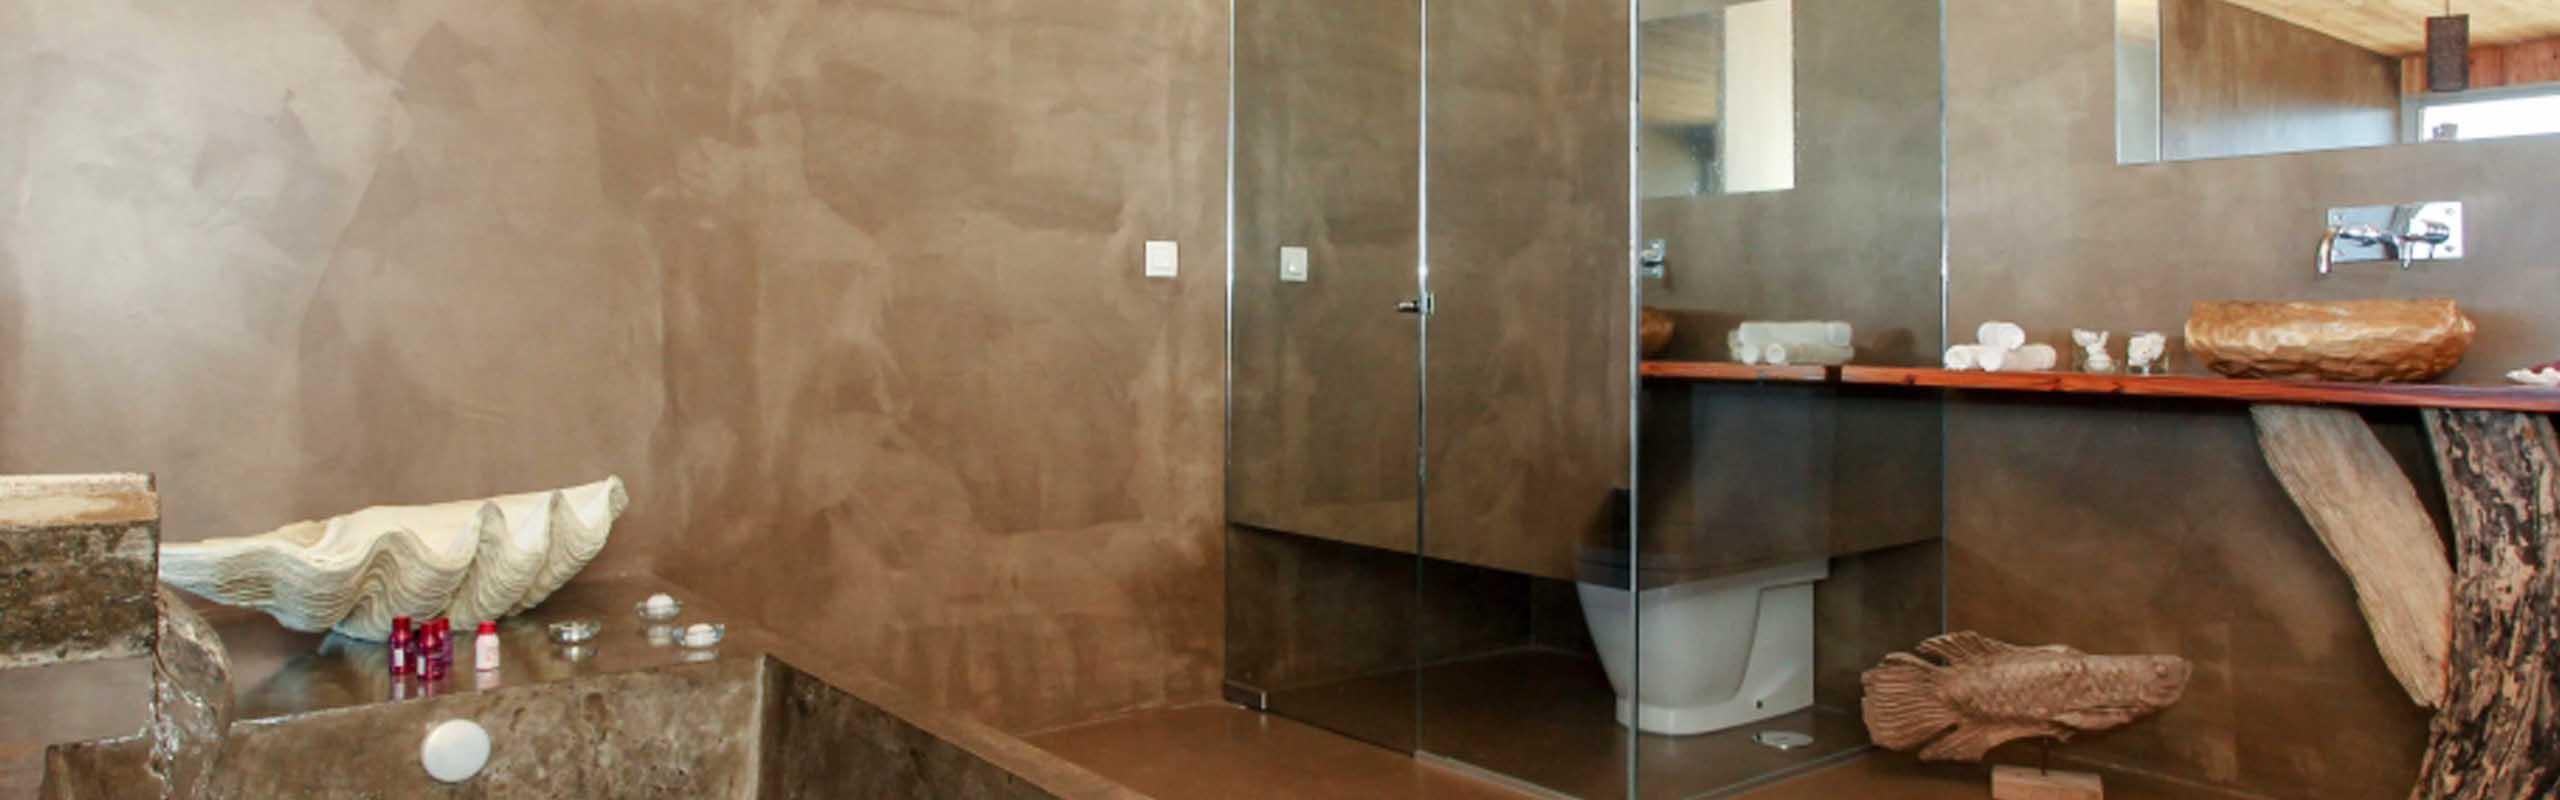 Micro Cement Walls Concrete Walls